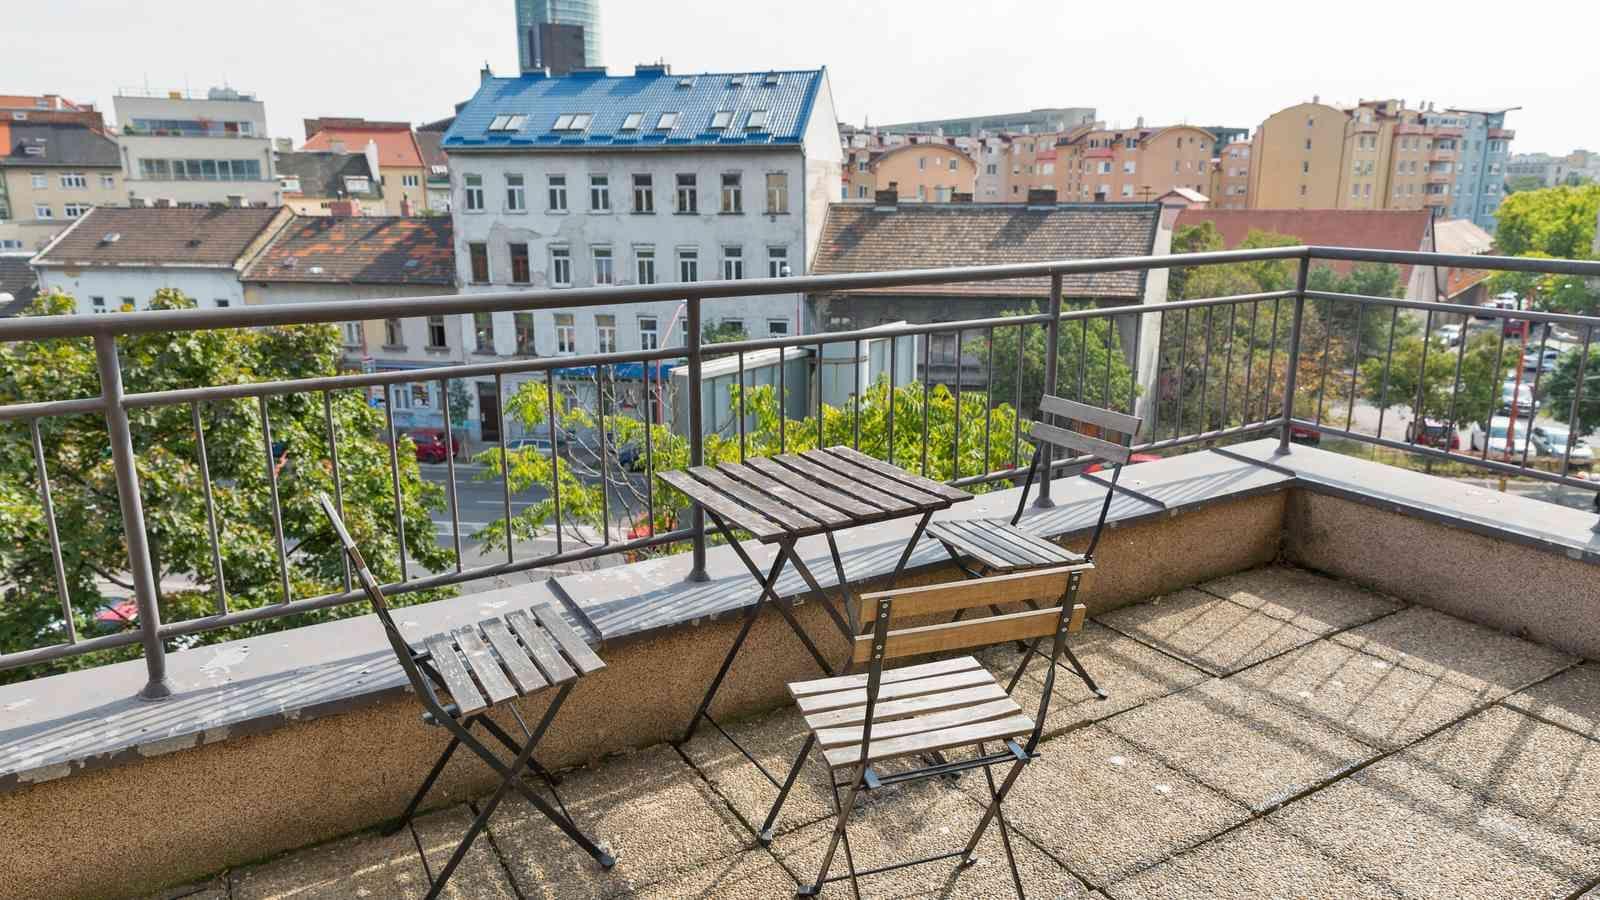 Kann ich meinen gefliesten Balkon mit einer Kunststoffbeschichtung abdichten?